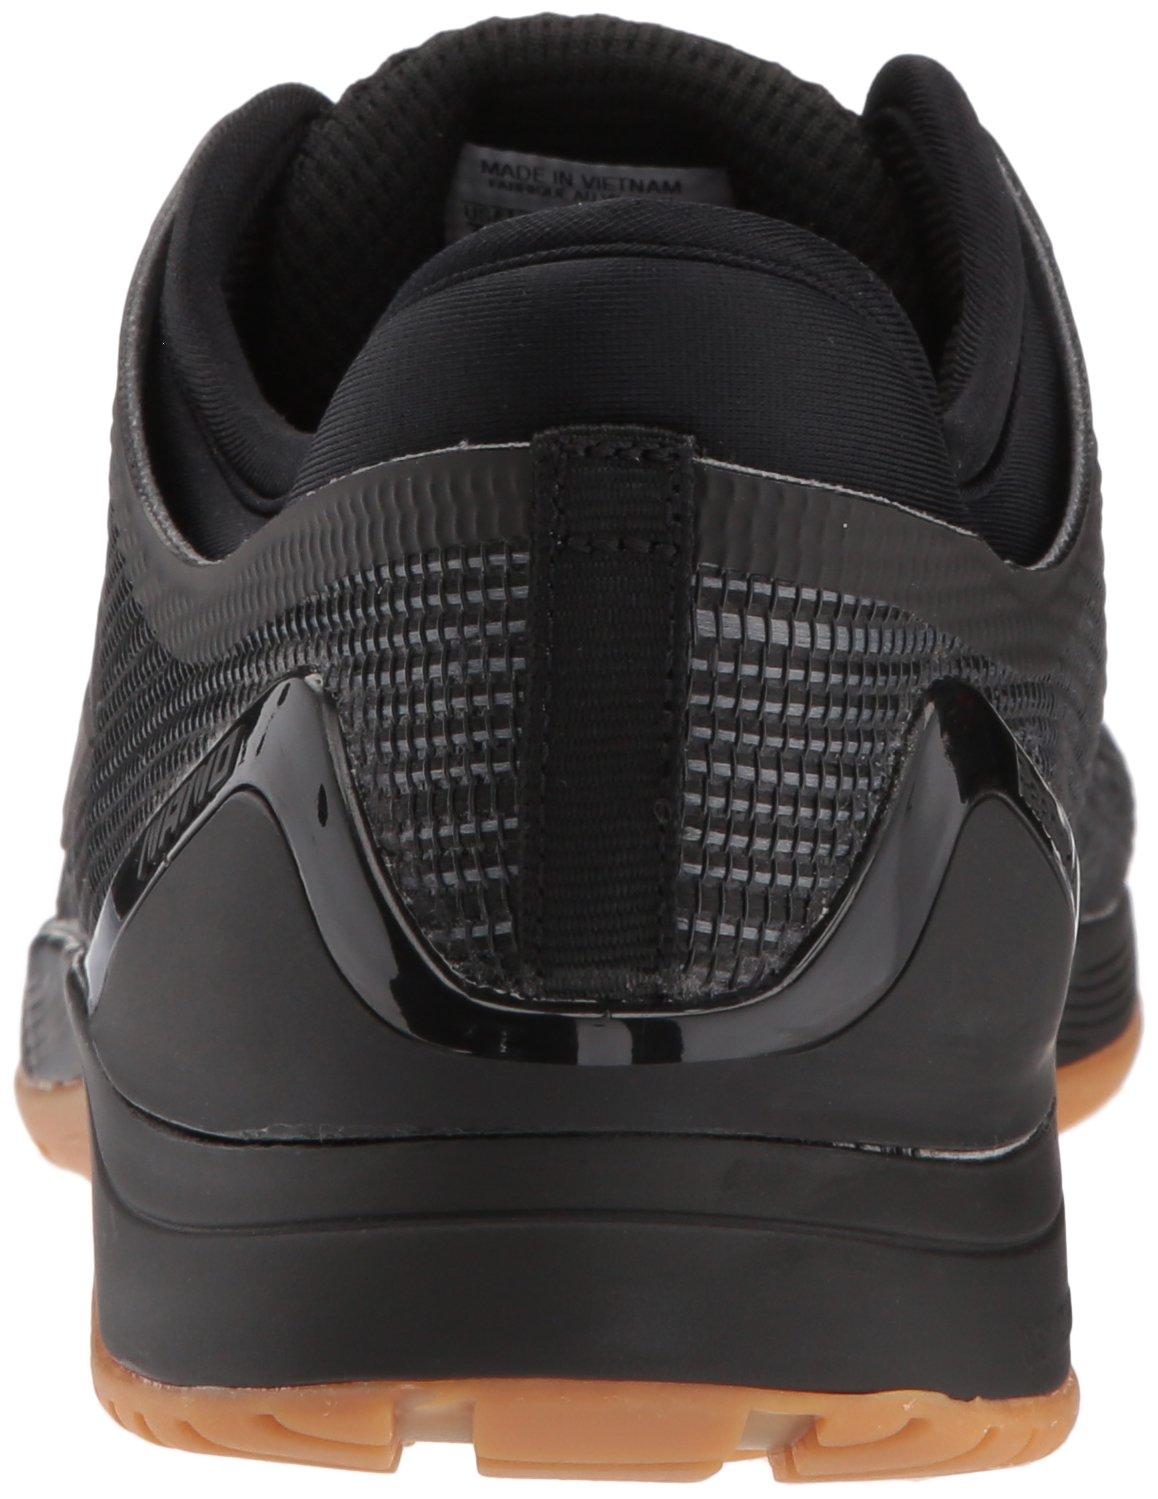 on sale a92ee 8a4a4 Reebok Zapatos. suela de goma para tracción. Importado Totalmente tejido de  ingeniería tecnología que proporciona transpirabilidad mejorada